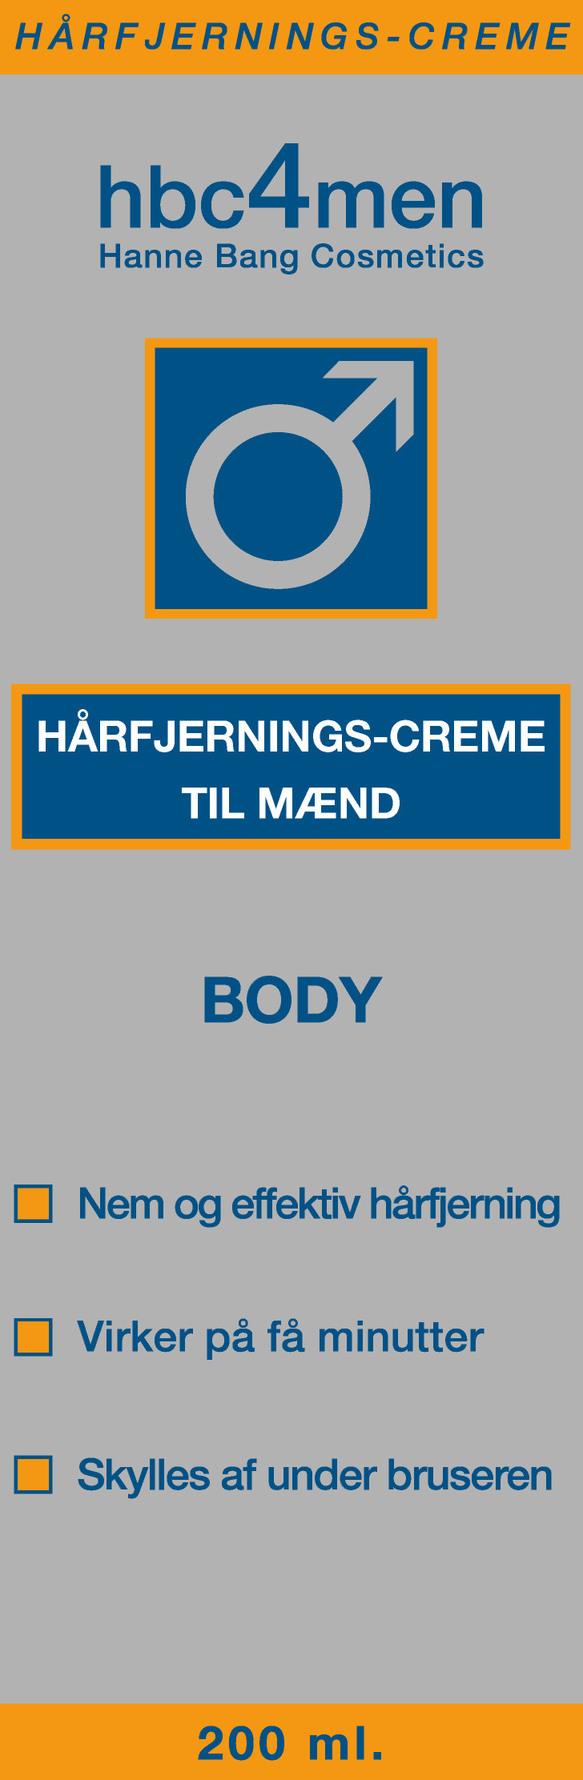 hårfjerningscreme til mænd